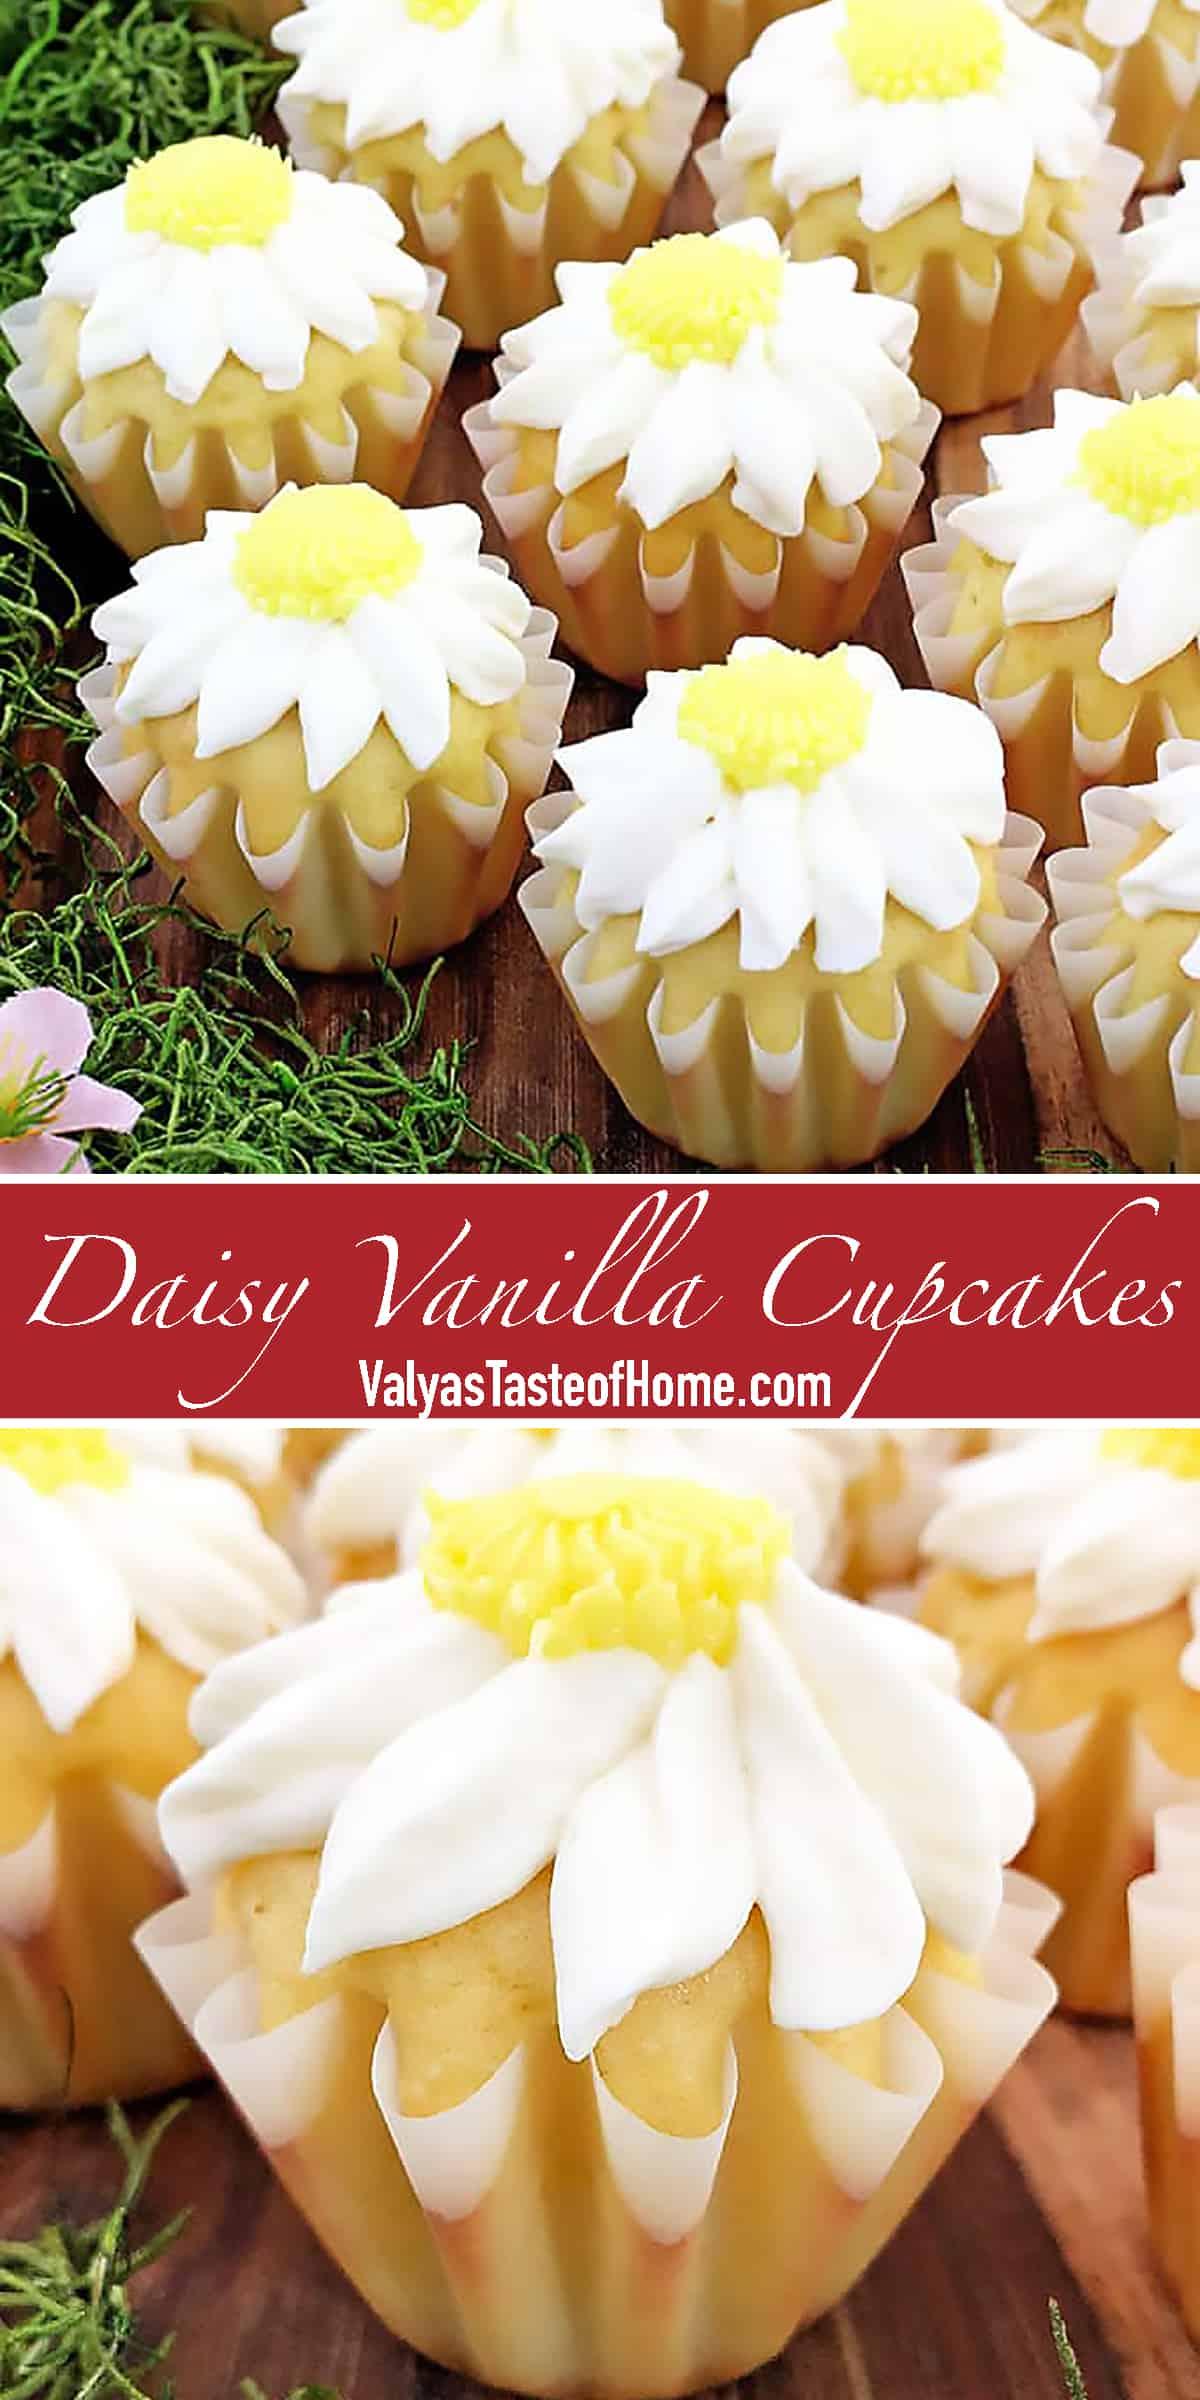 Daisy Vanilla Cupcakes